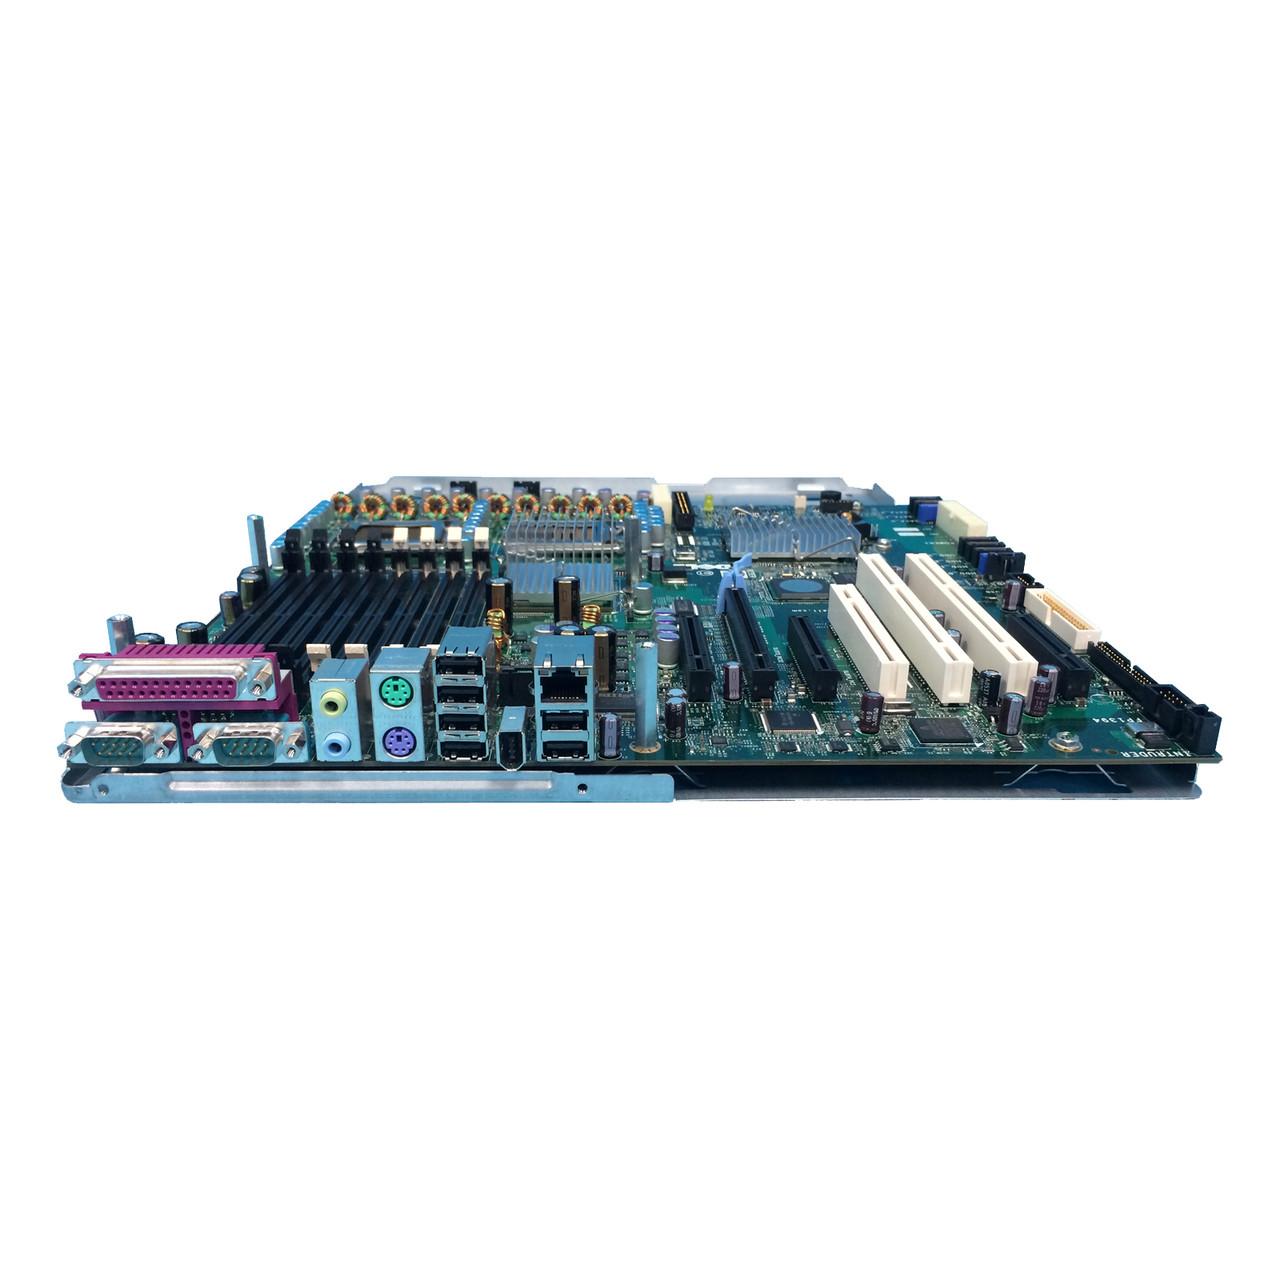 Dell MY171 | Precision 690 System Board | Precision 690